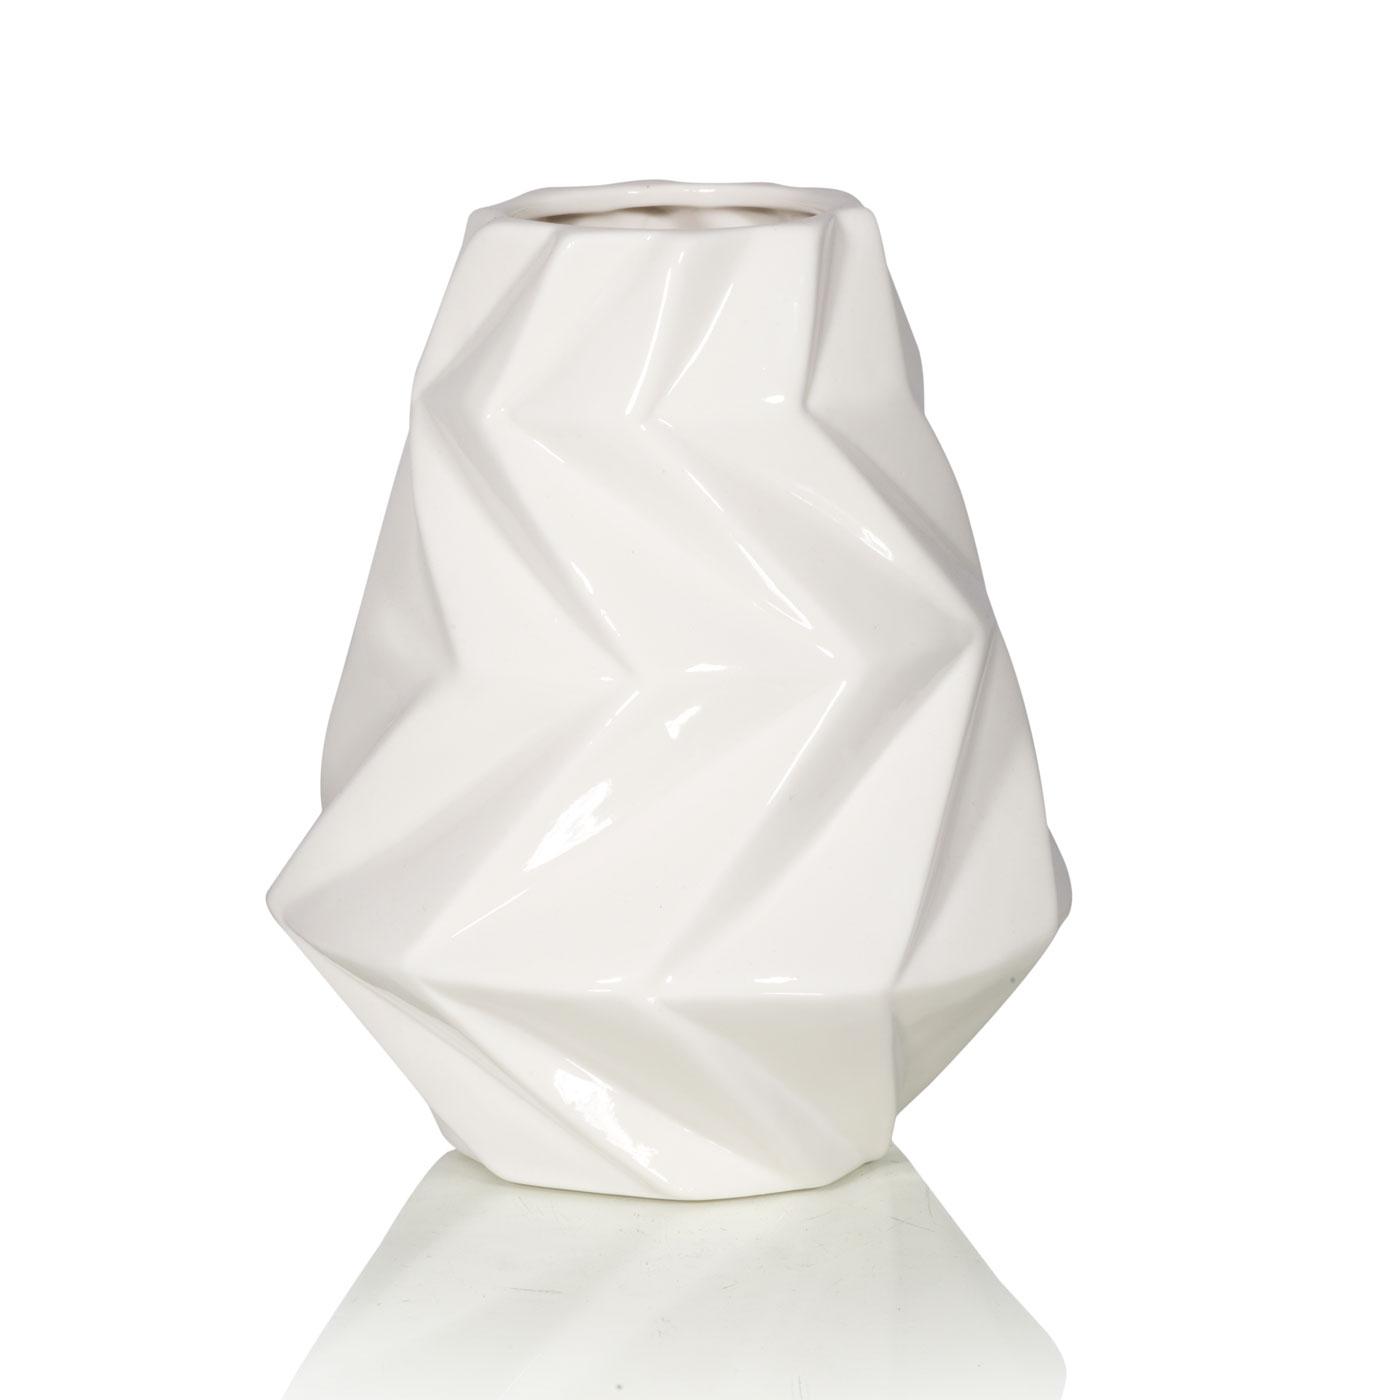 Купить Вазы Home Philosophy, Ваза Randy Цвет: Белый (15х19 см), Китай, Керамика